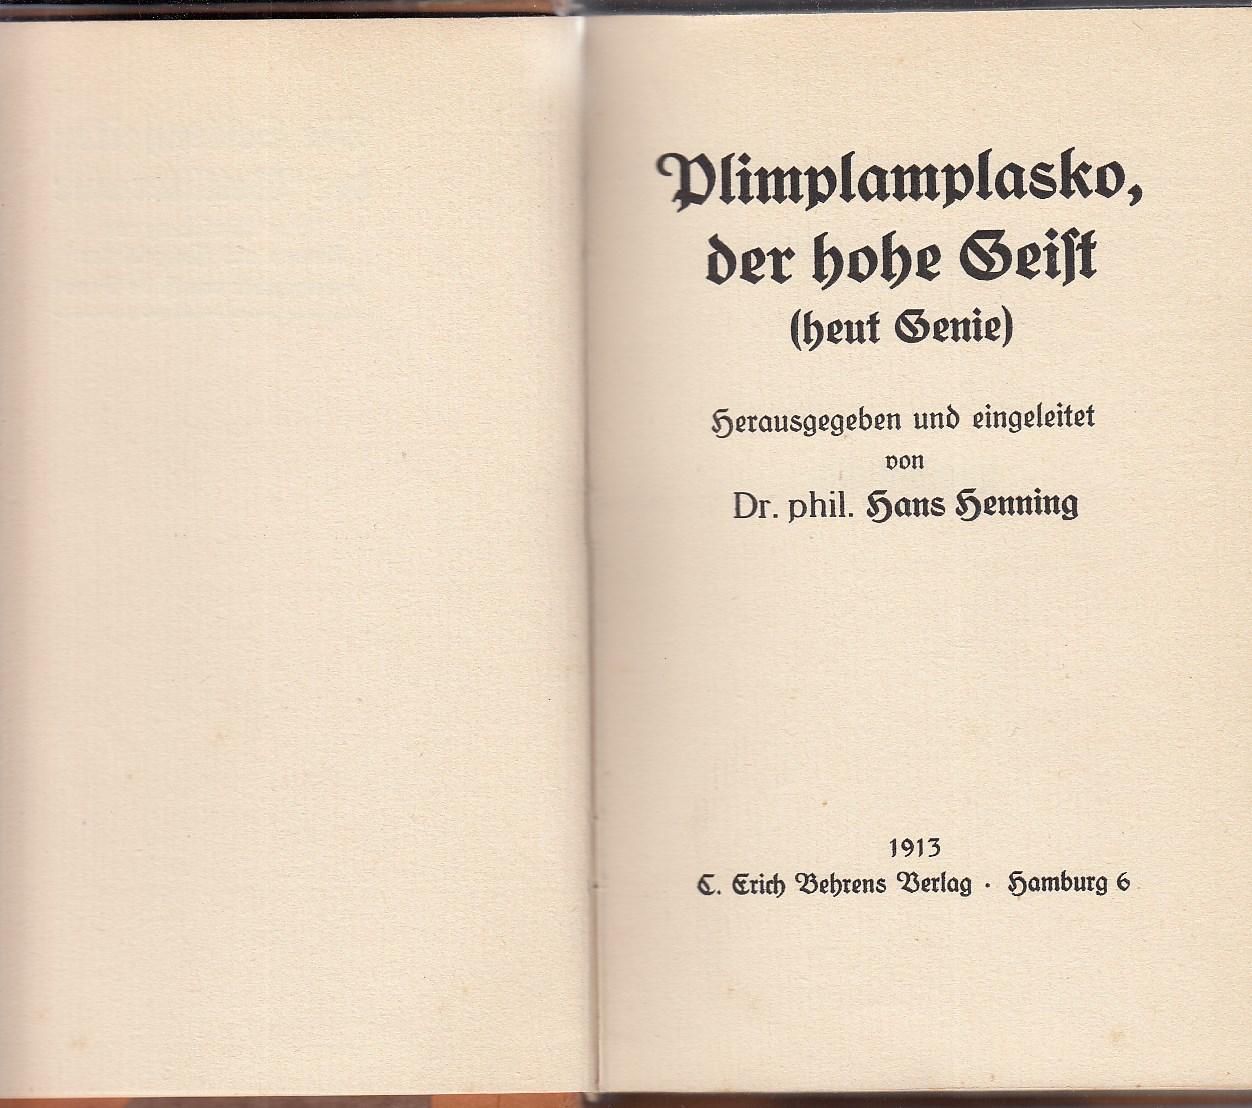 Plimplamplasko, der hohe Geist (heut Genie). Hrsg. und eingel. von Hans Henning.